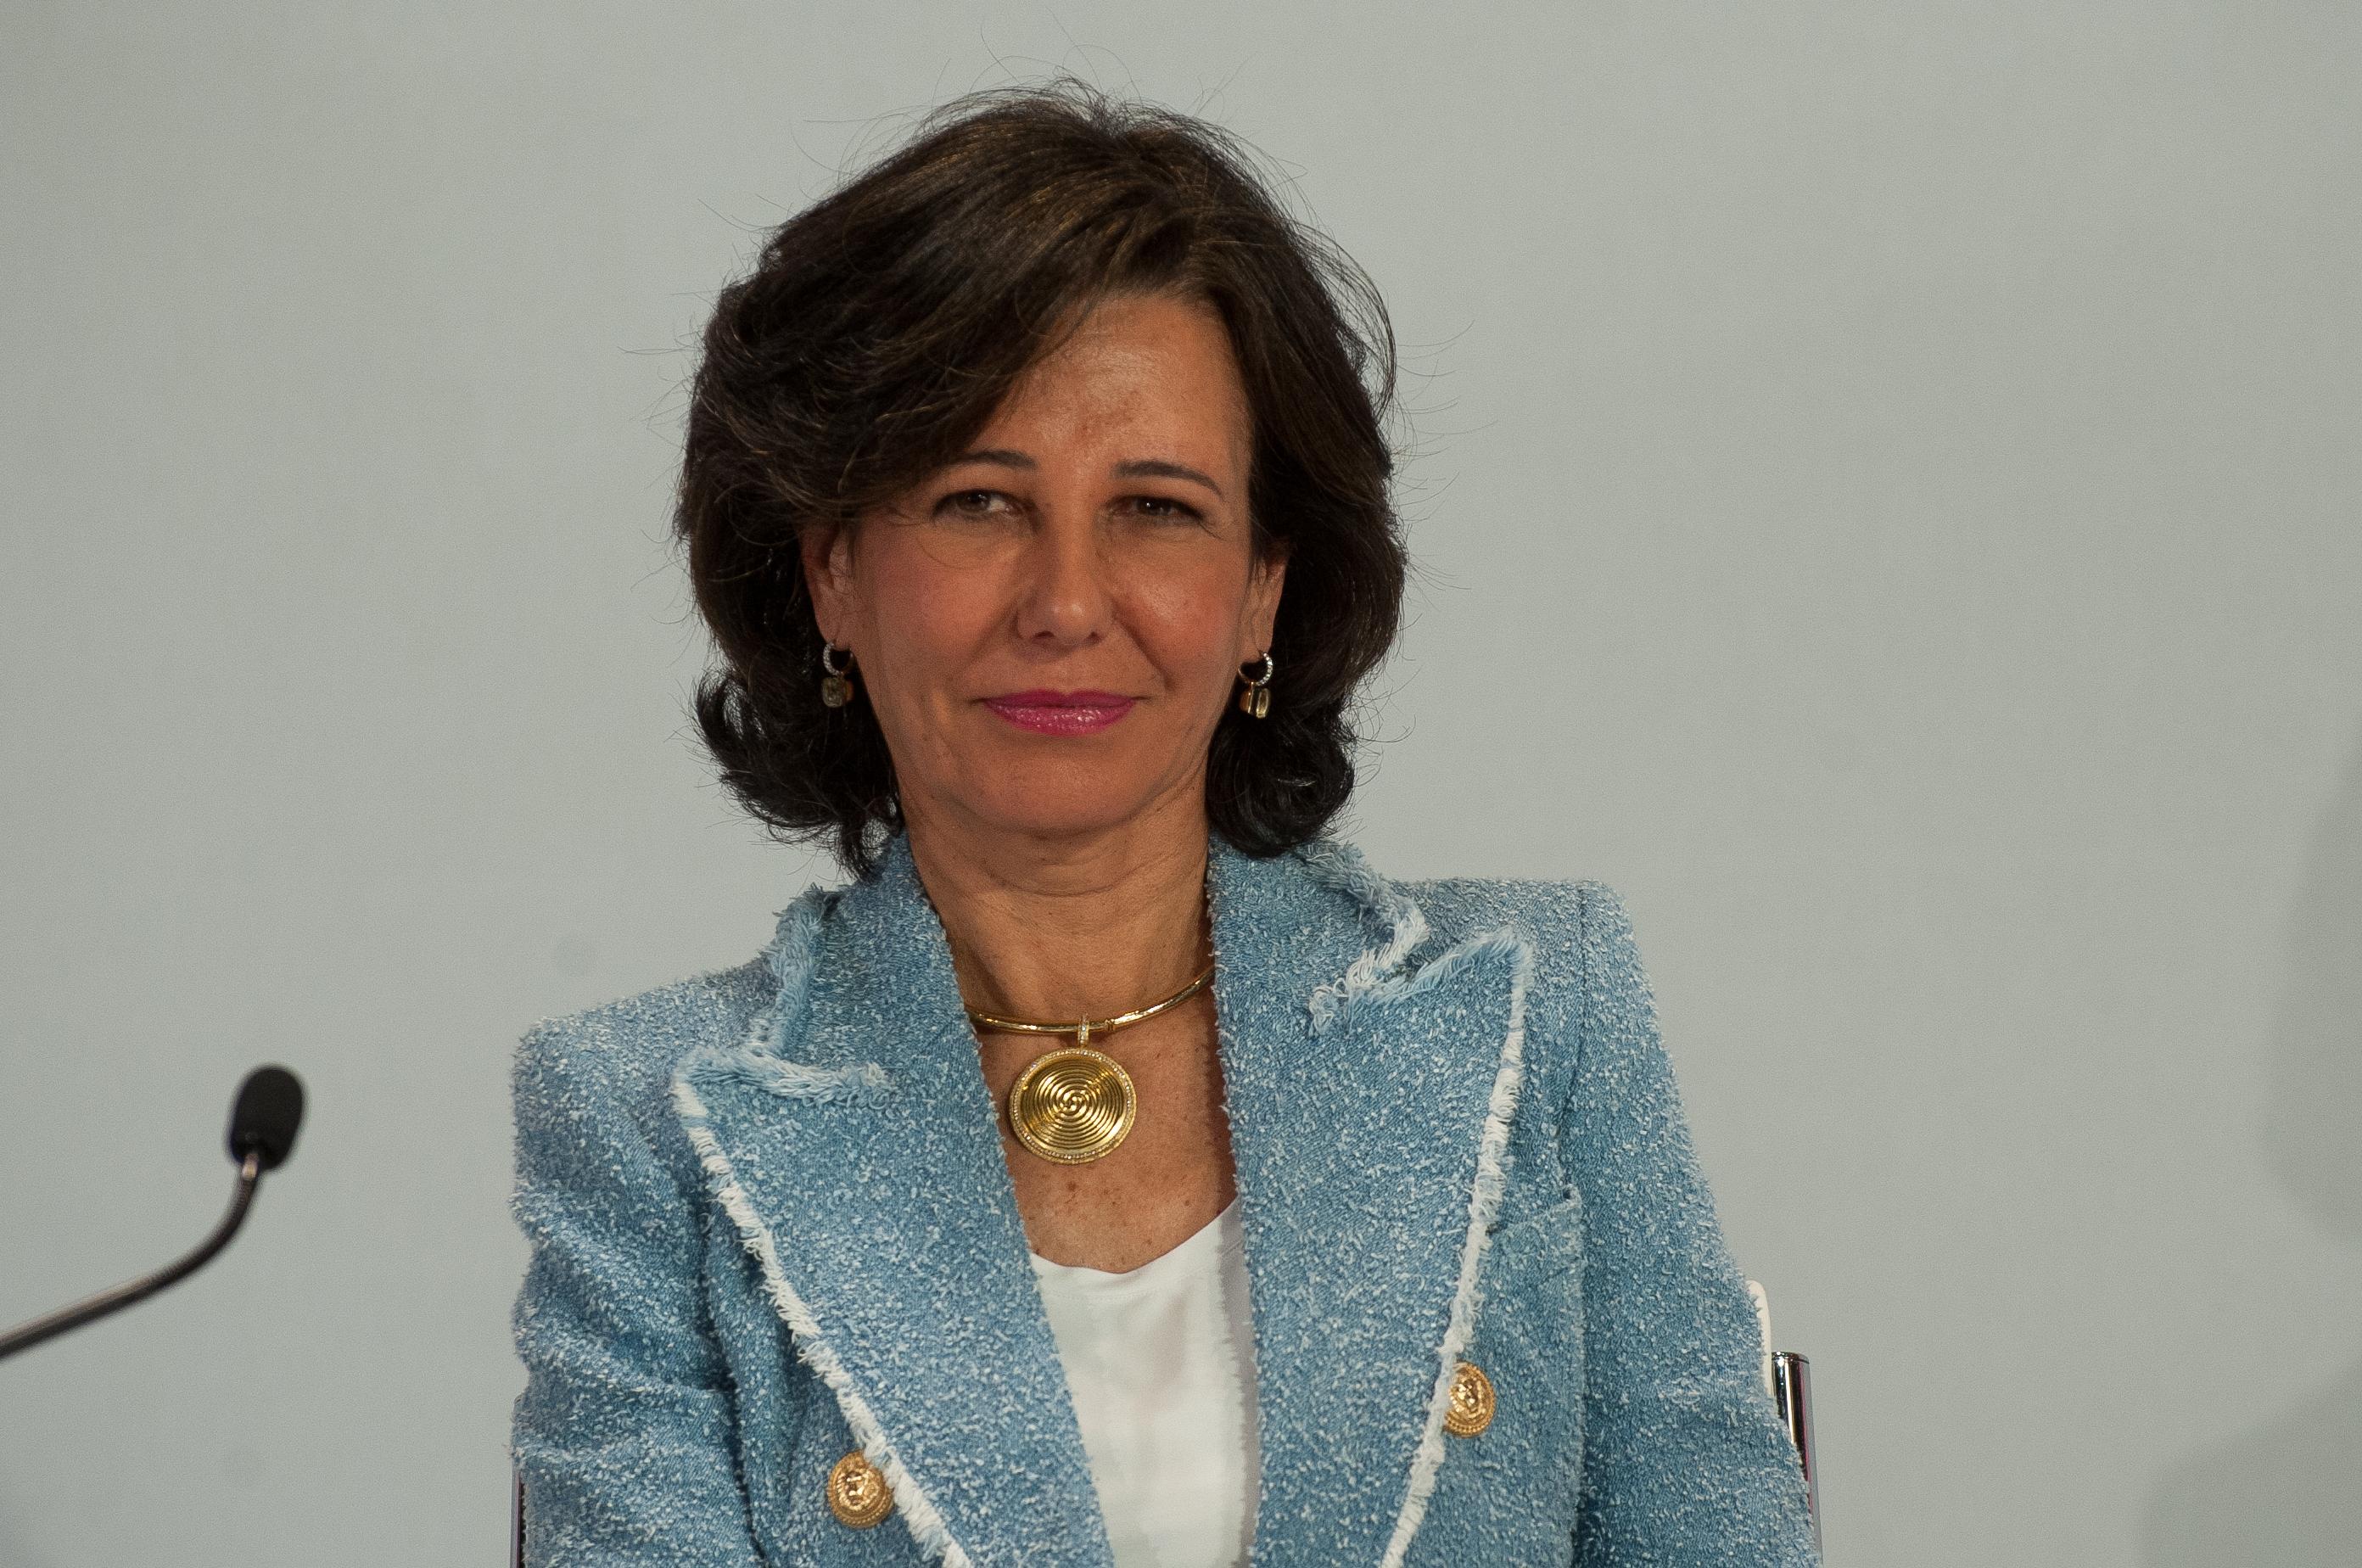 Ana Botín prevé un crecimiento en todos los mercados principales de Banco Santander en 2018